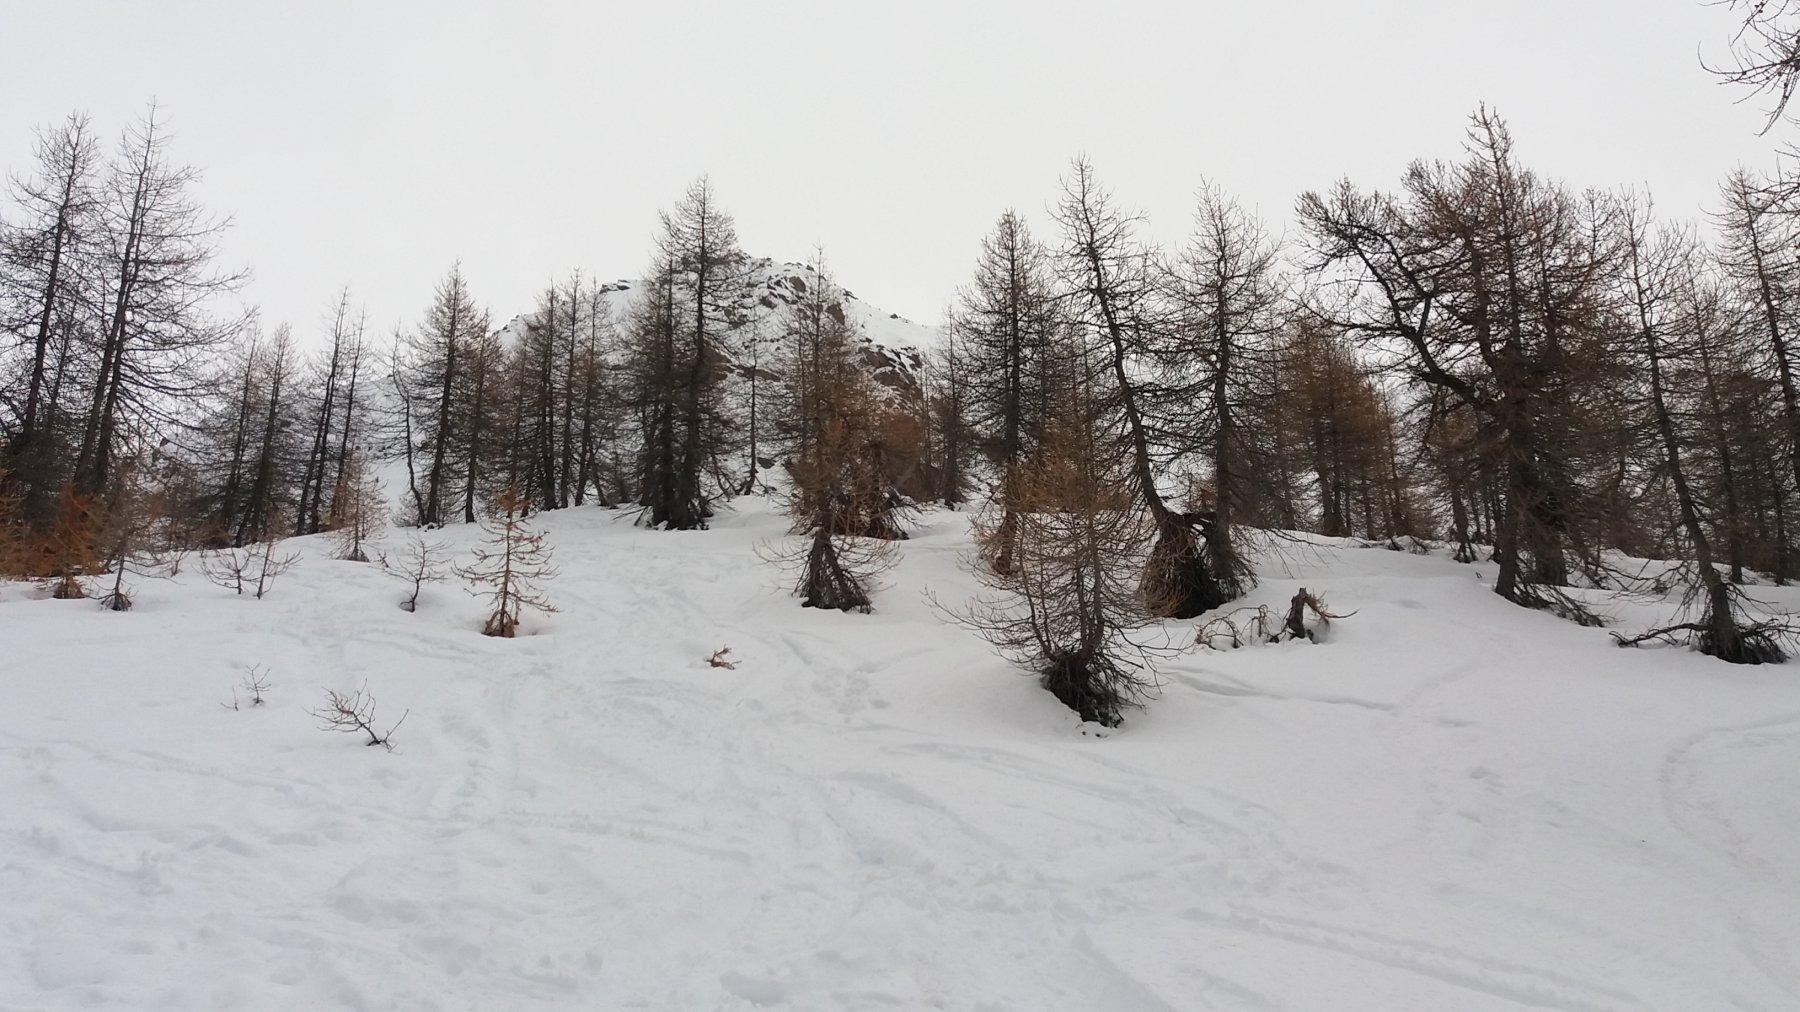 Neve piuttosto umida e pesante ma comunque sciabile